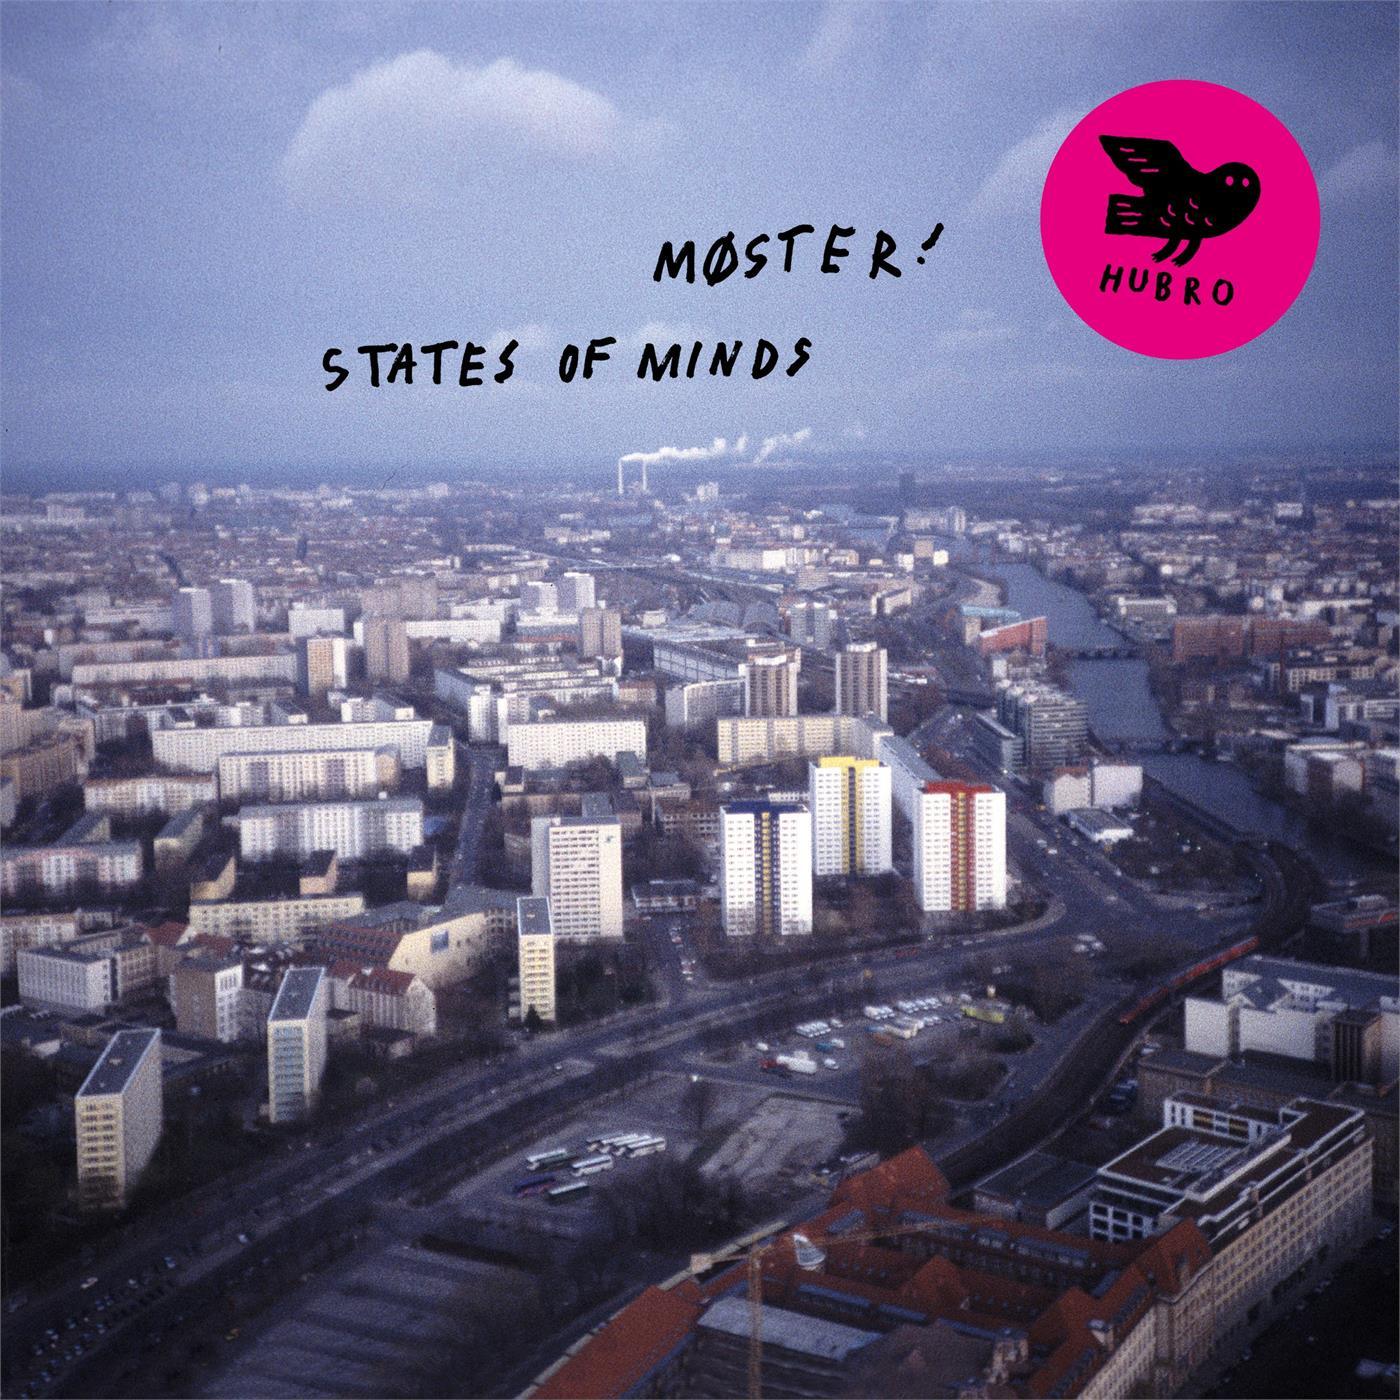 Møster! - States Of Minds [2xLP]